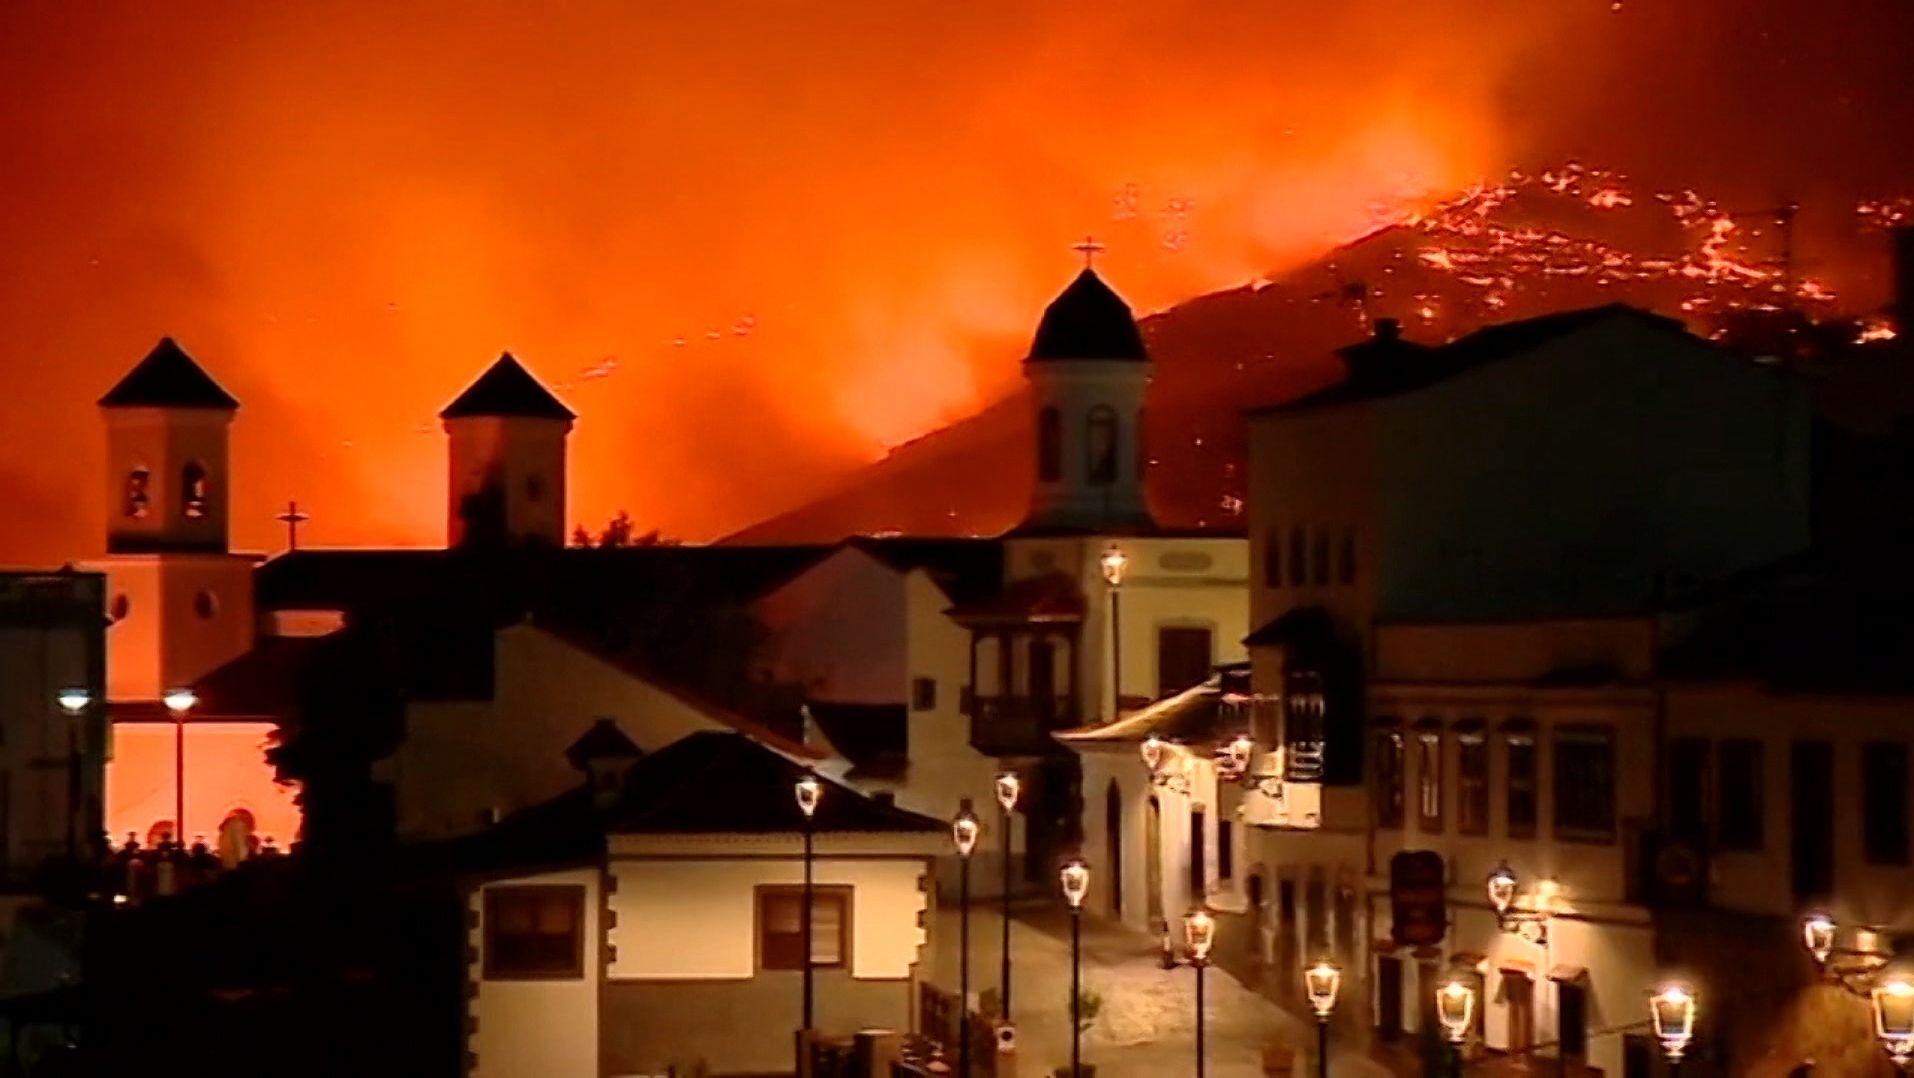 Auf der beliebten spanischen Insel ist ein schwerer Walbdbrand ausgebrochen. Hunderte Hektar stehen in Flammen.